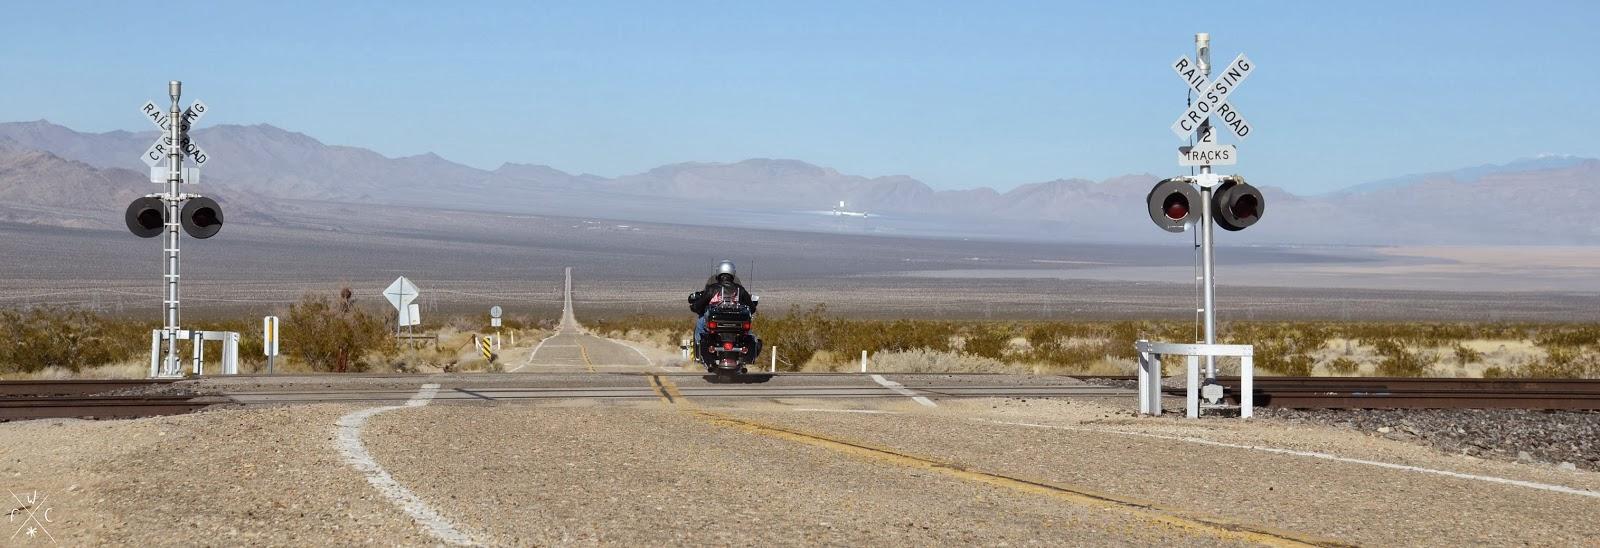 Mojave National Preserve, Californie, USA